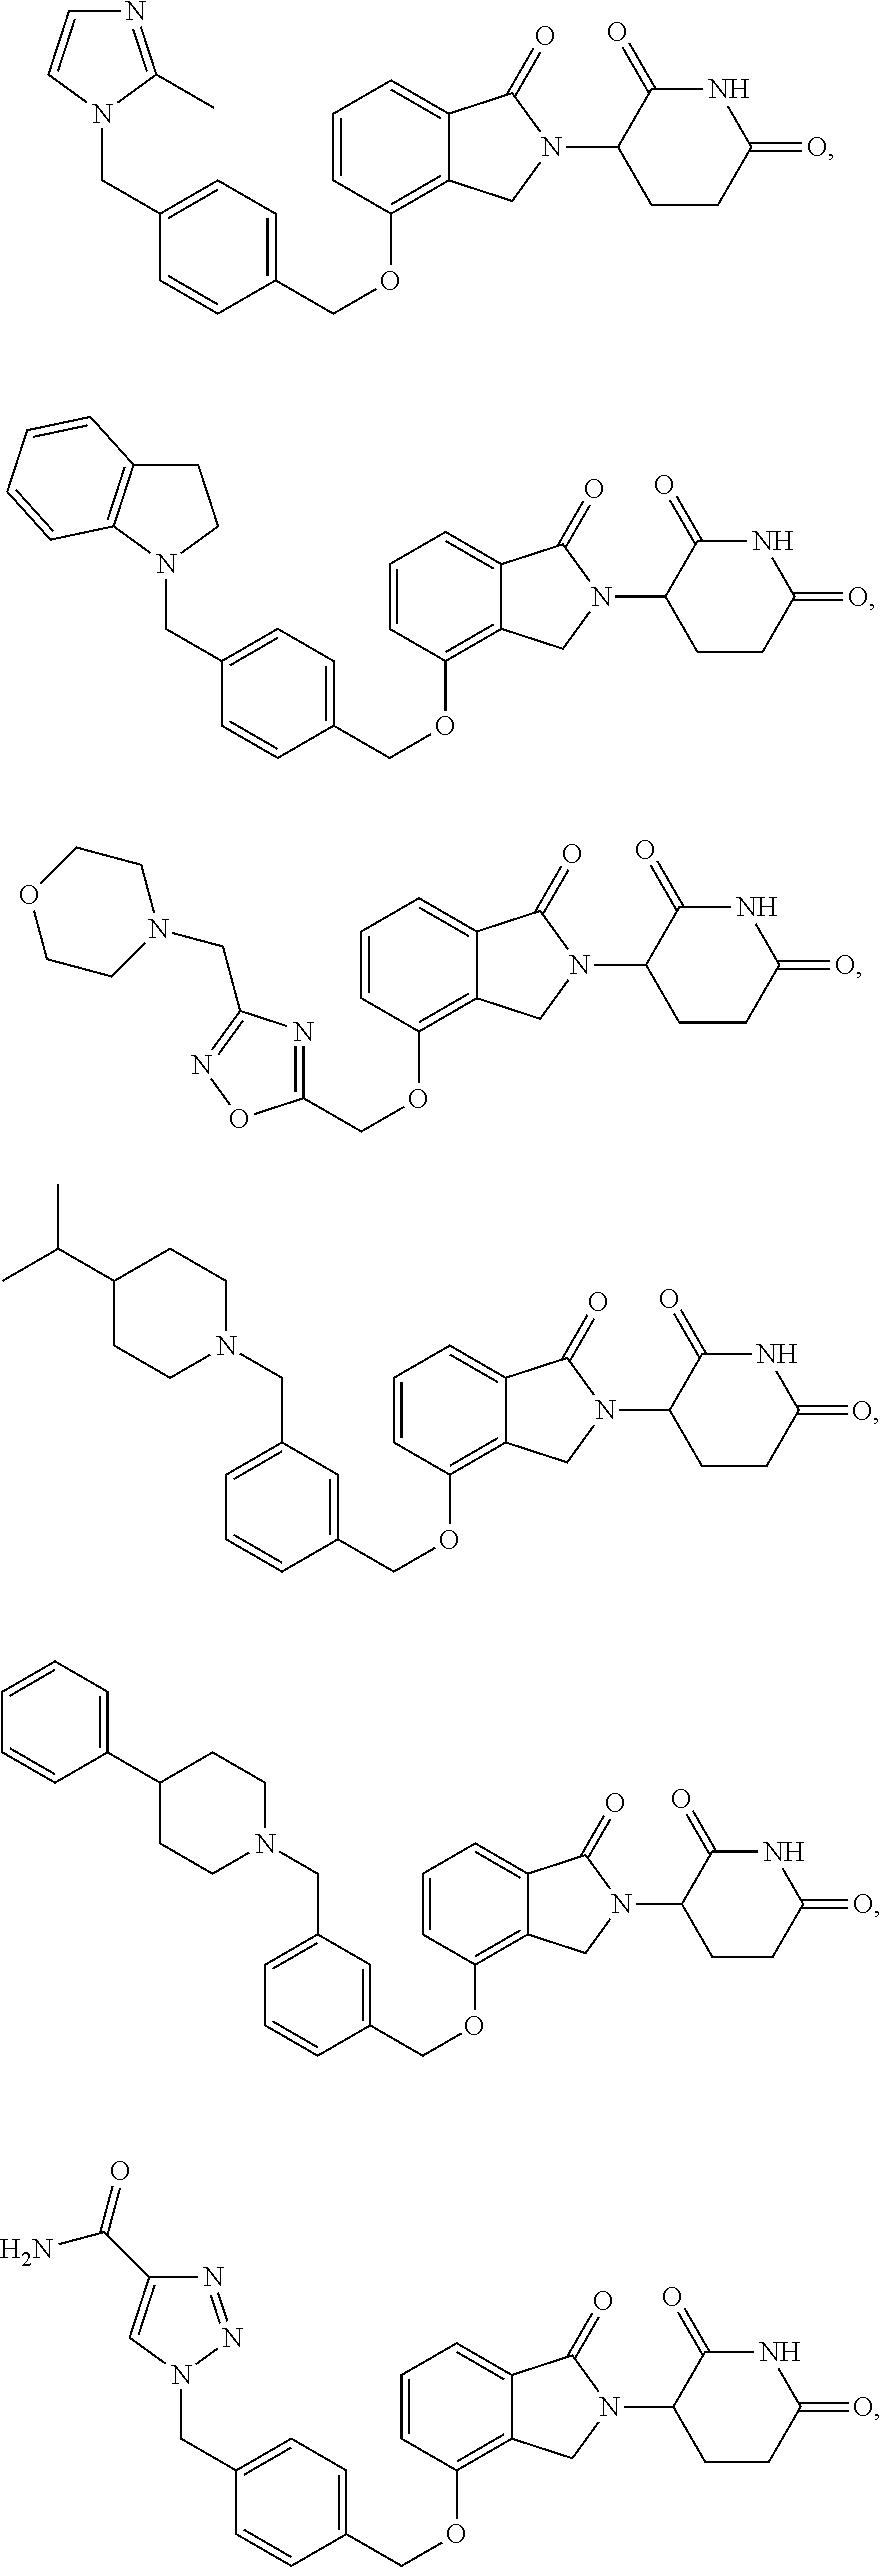 Figure US09587281-20170307-C00051